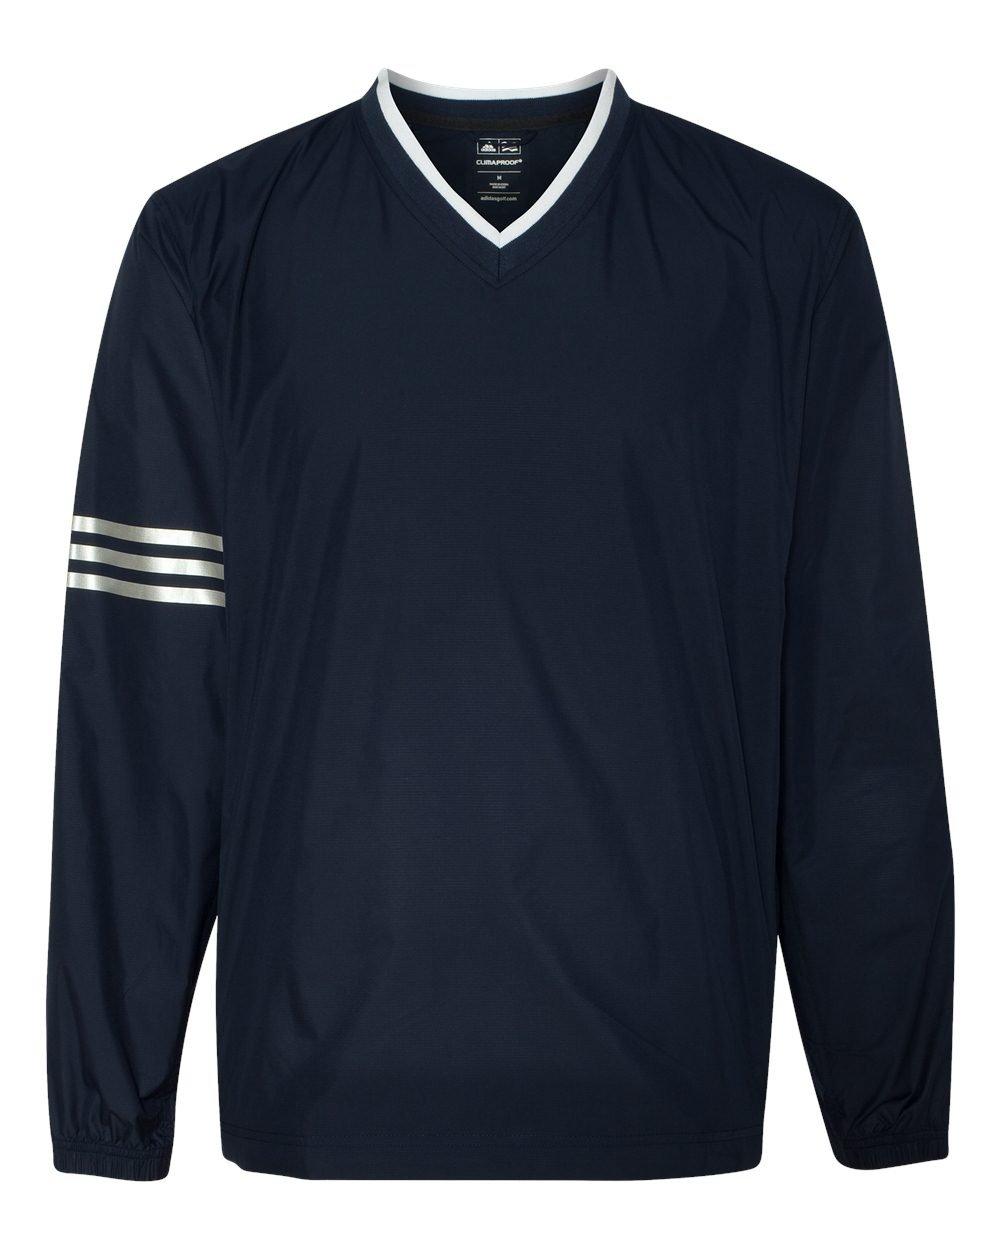 アメリカ版モデルadidas(アディダス)ゴルフクライマプルーフClimaProofウィンドカラーブロックVネックウィンドシャツA147 [並行輸入品] B01CBBT8ZI US XLサイズ 紺紺(ネイビーネイビー) 紺紺(ネイビーネイビー) US XLサイズ